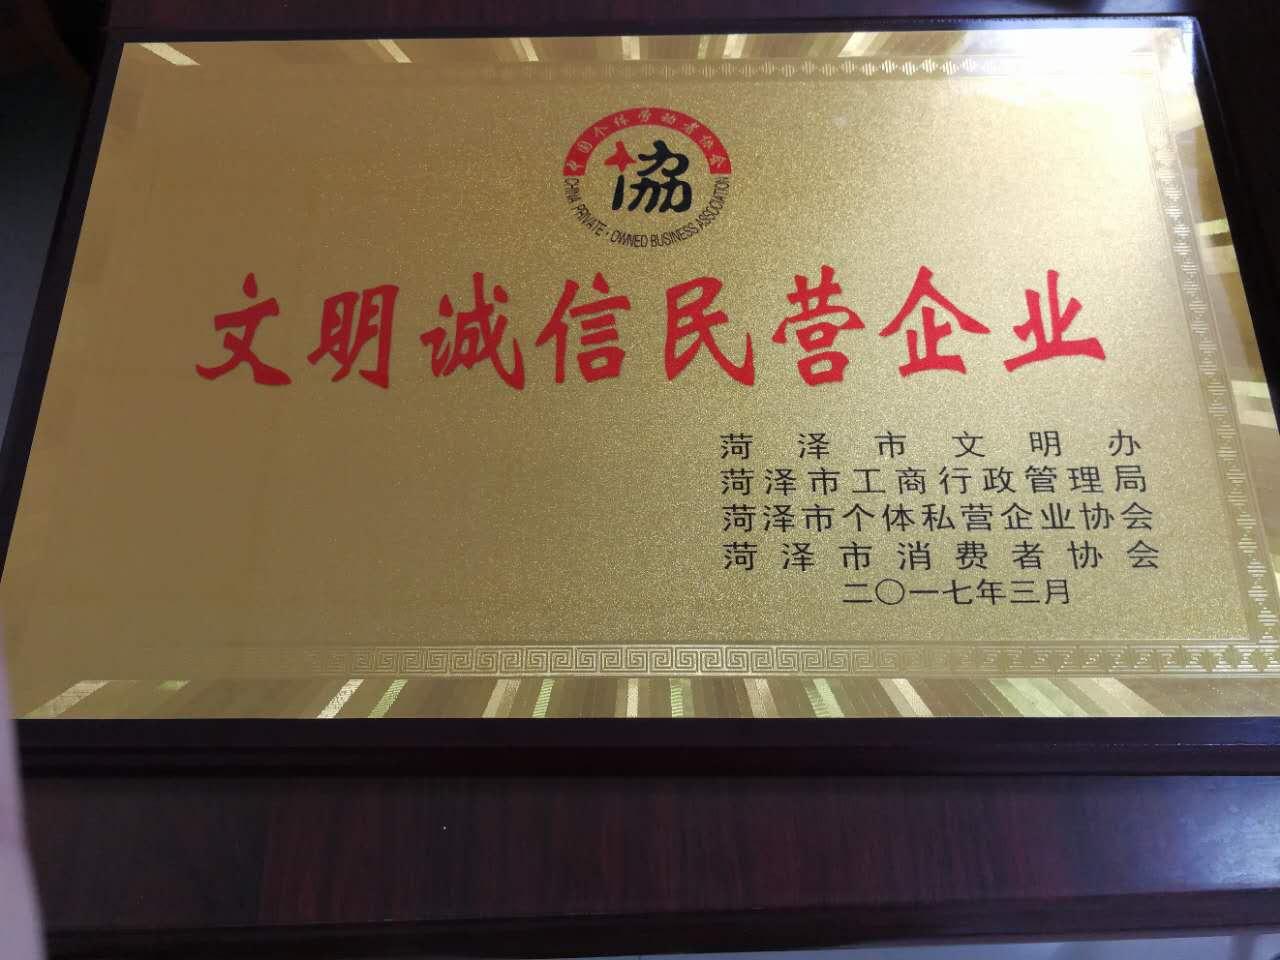 麟源牡丹康普生物公司被评为菏泽市文明诚信企业